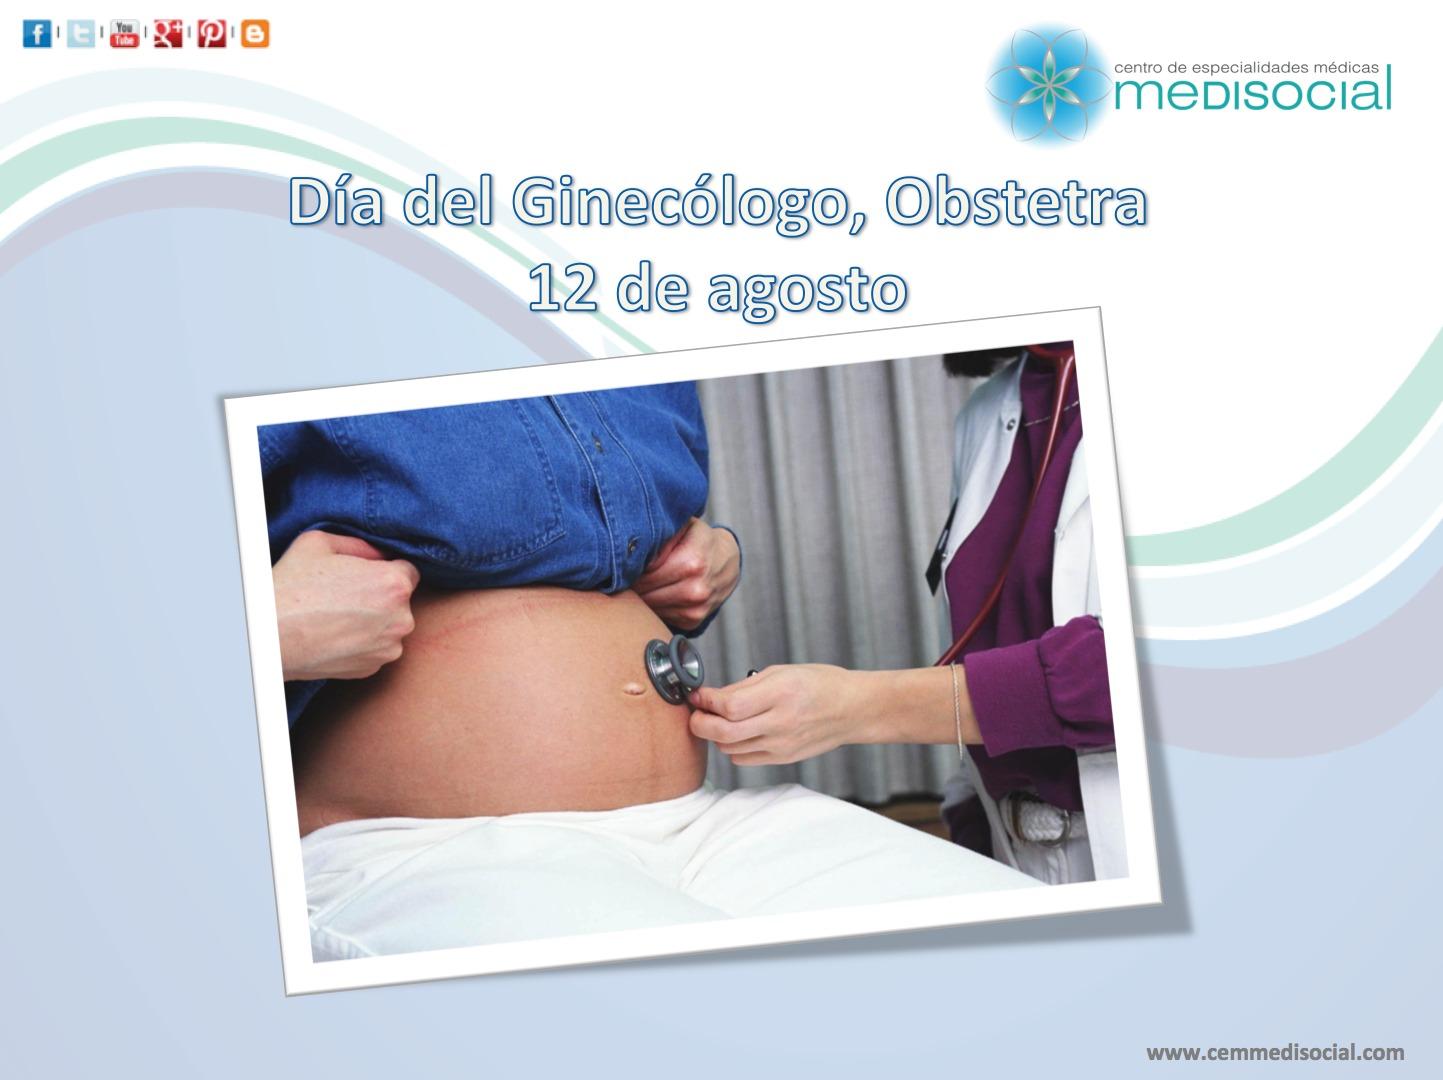 Día del Ginecólogo Obstetra